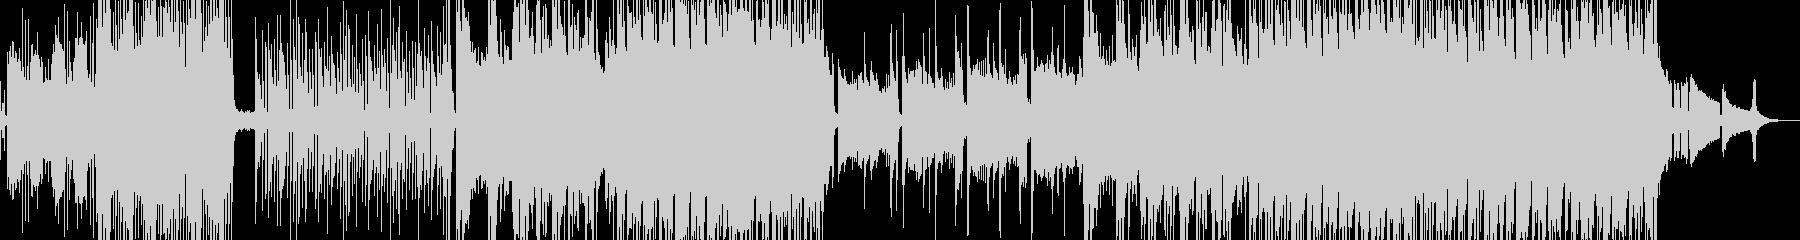 南国・トロピカルポップス…00:48の未再生の波形